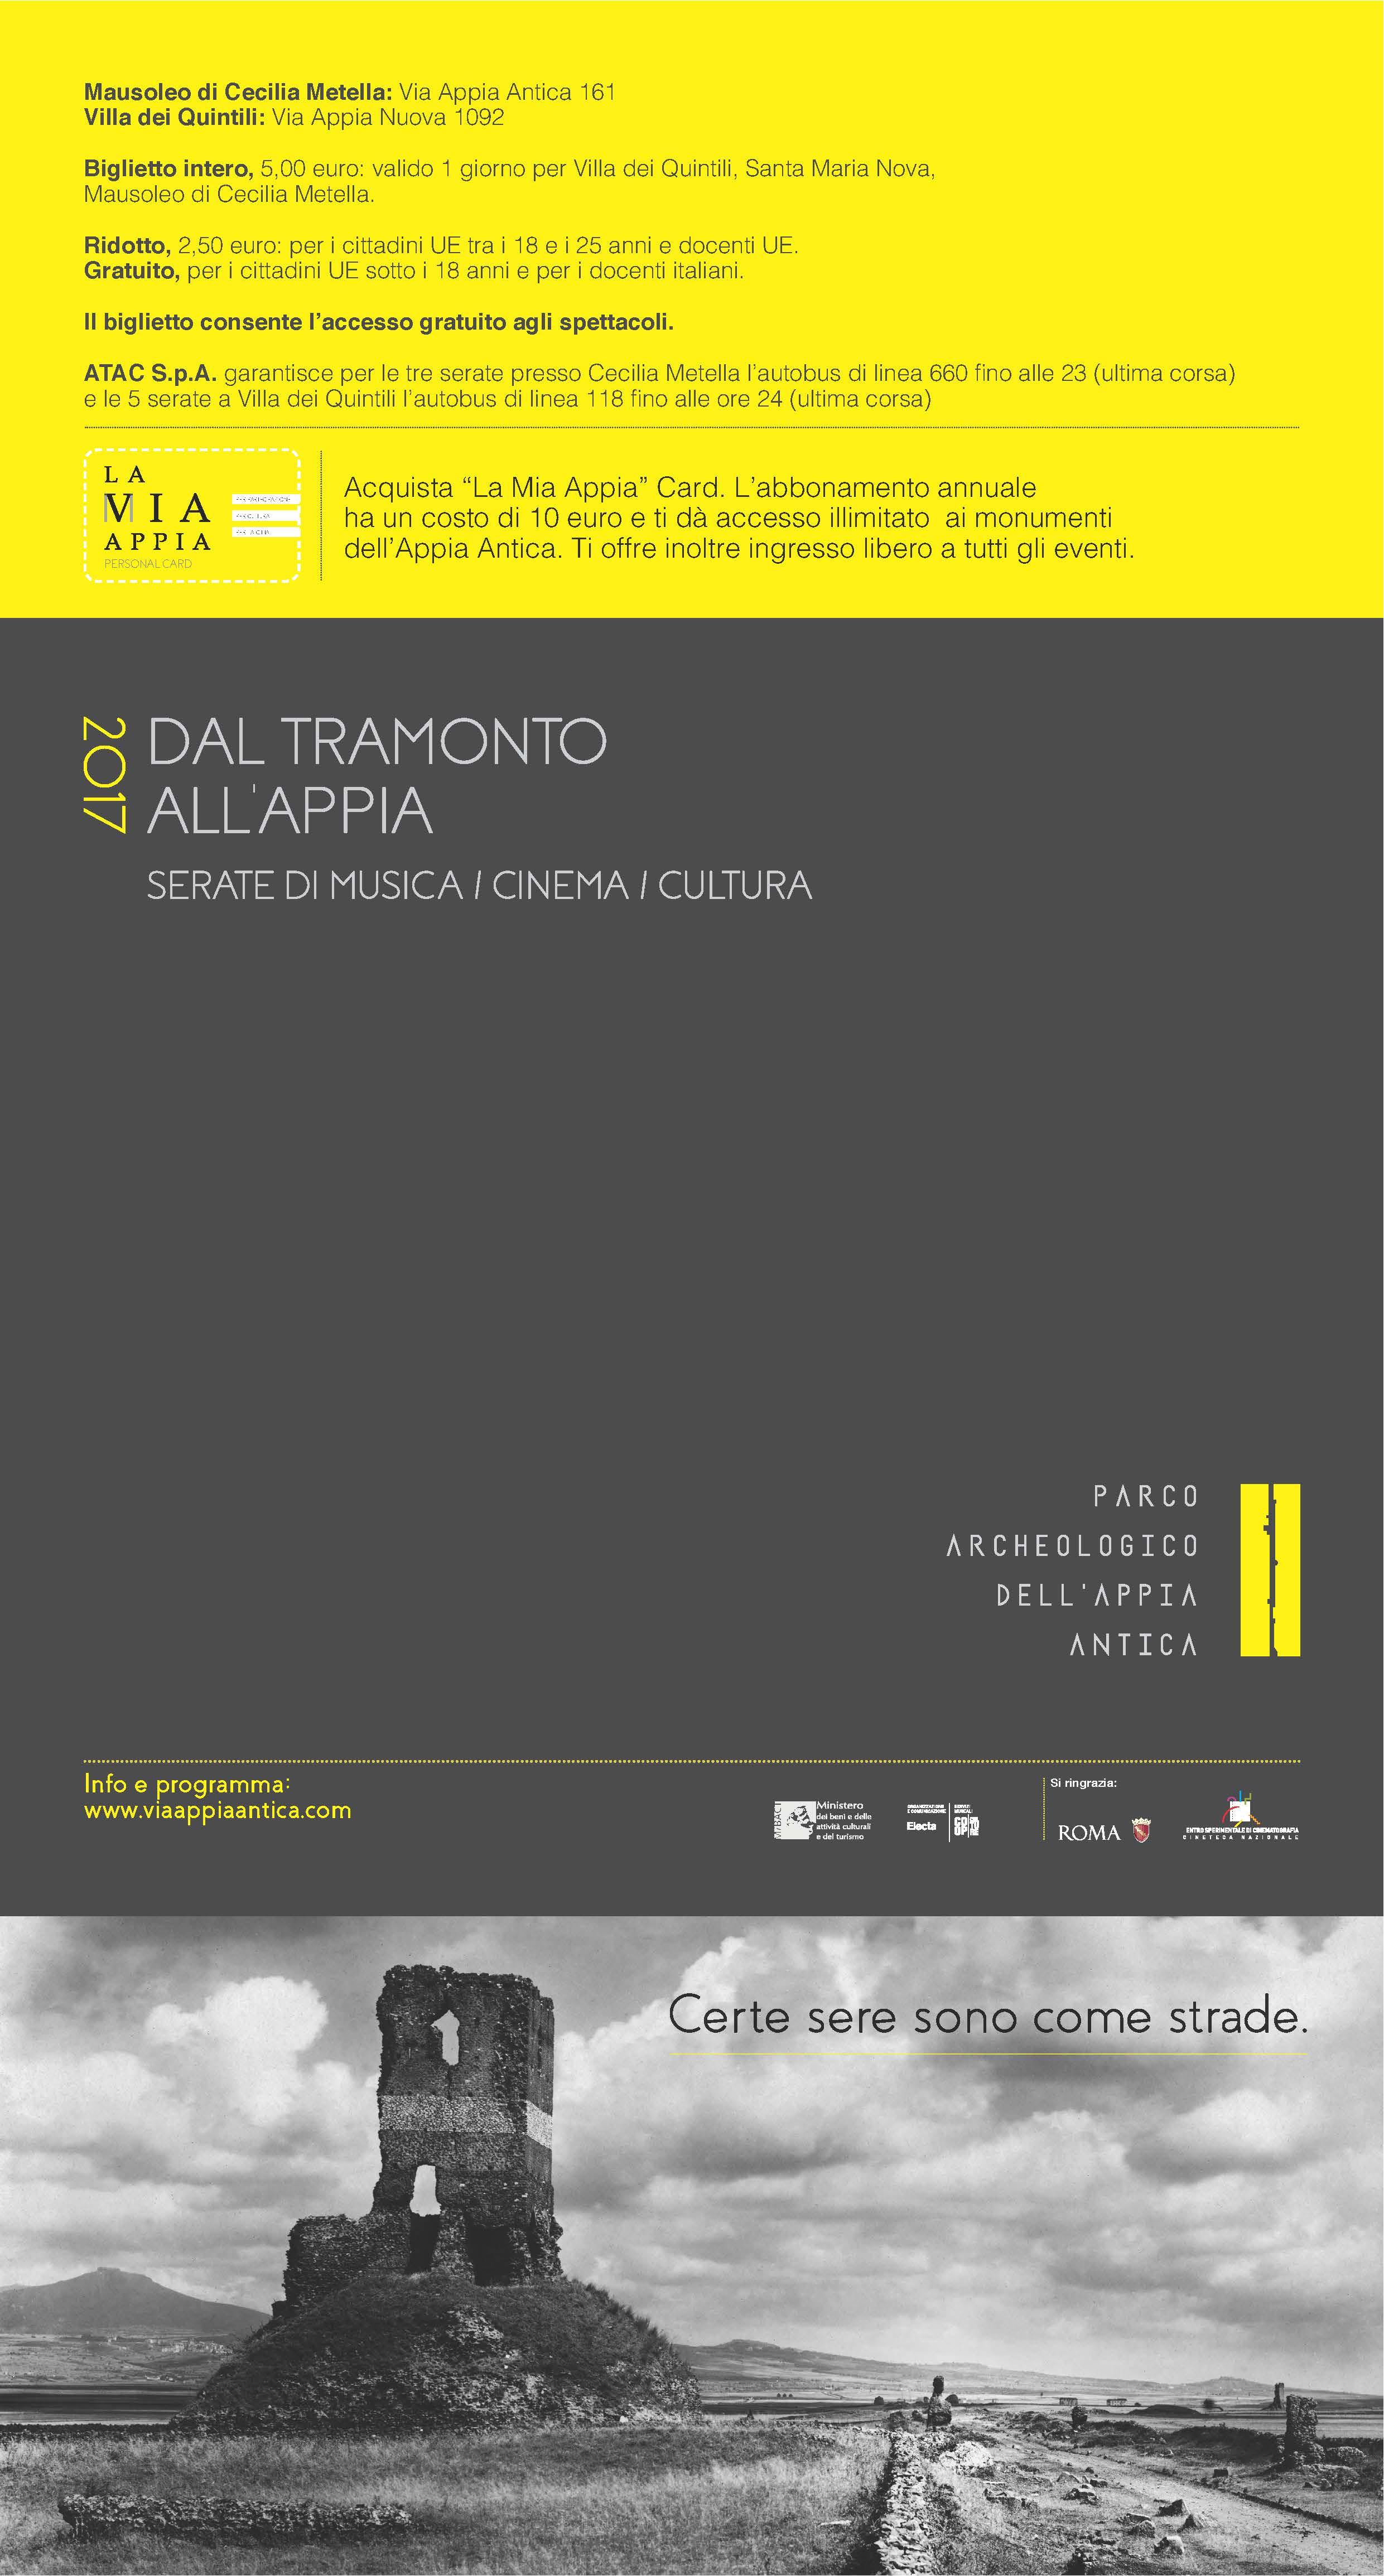 Dal tramonto all'Appia, locandina edizione 2017